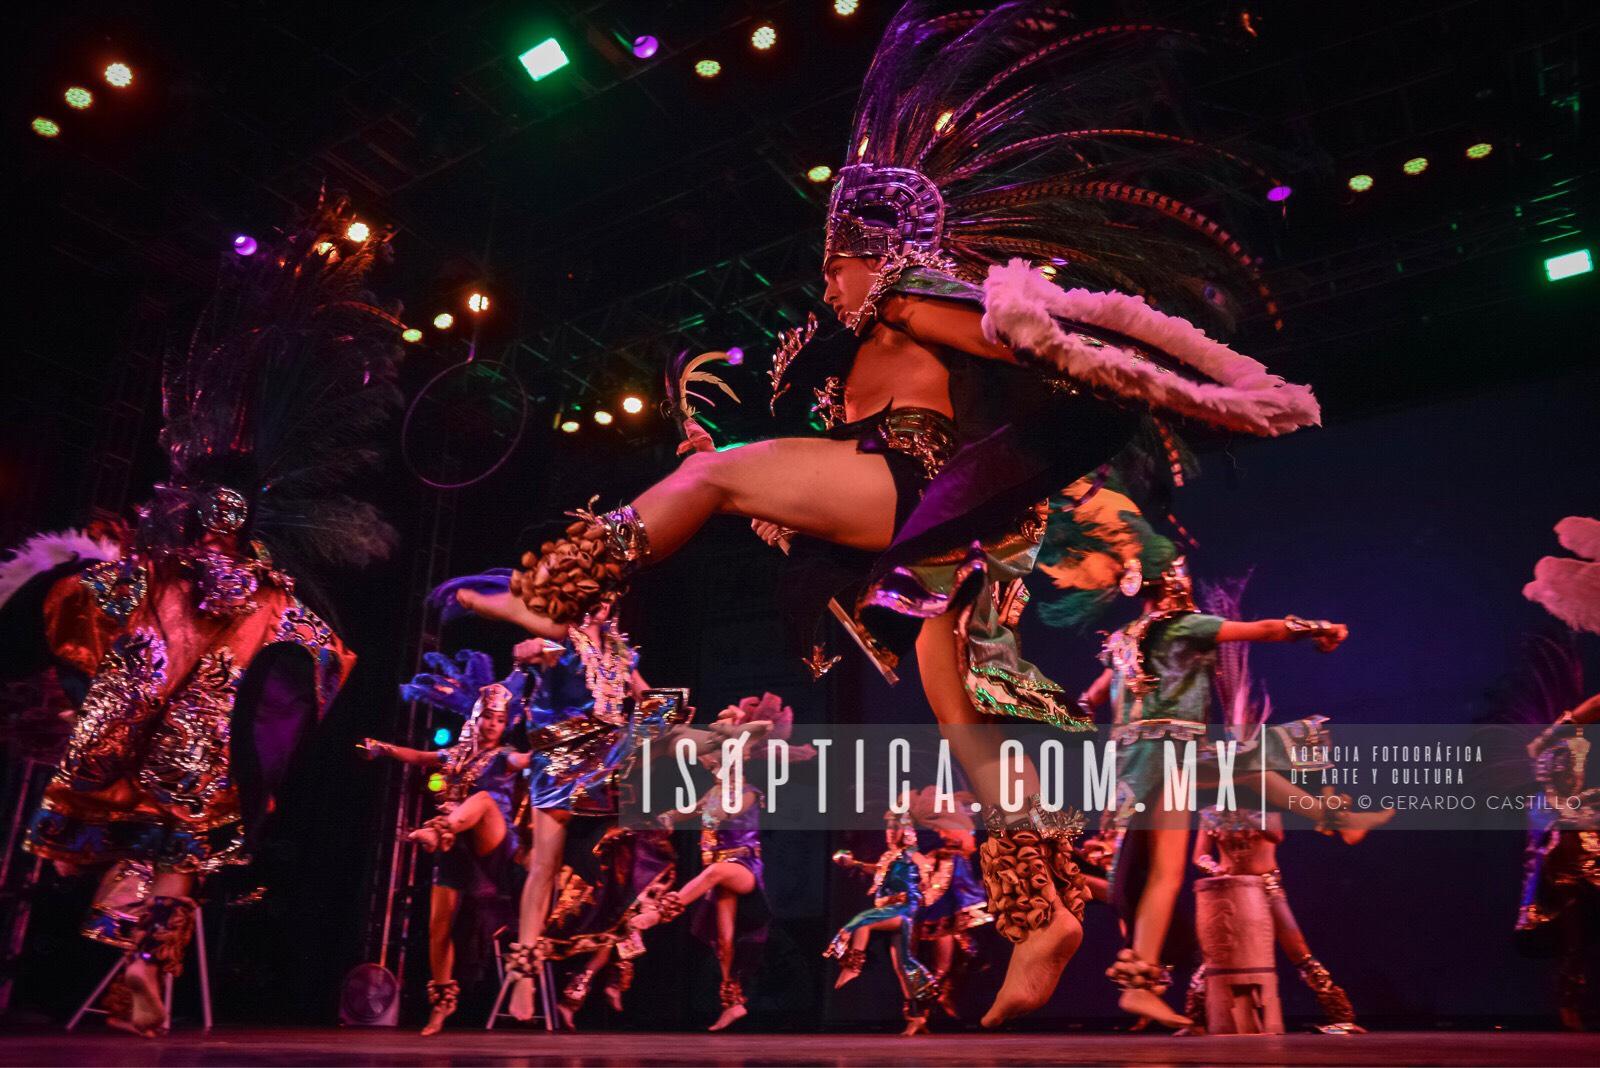 Ballet_FolcloricoEdoMex_Foto-GerardoCastillo-ISOPTICA_IMG_2651